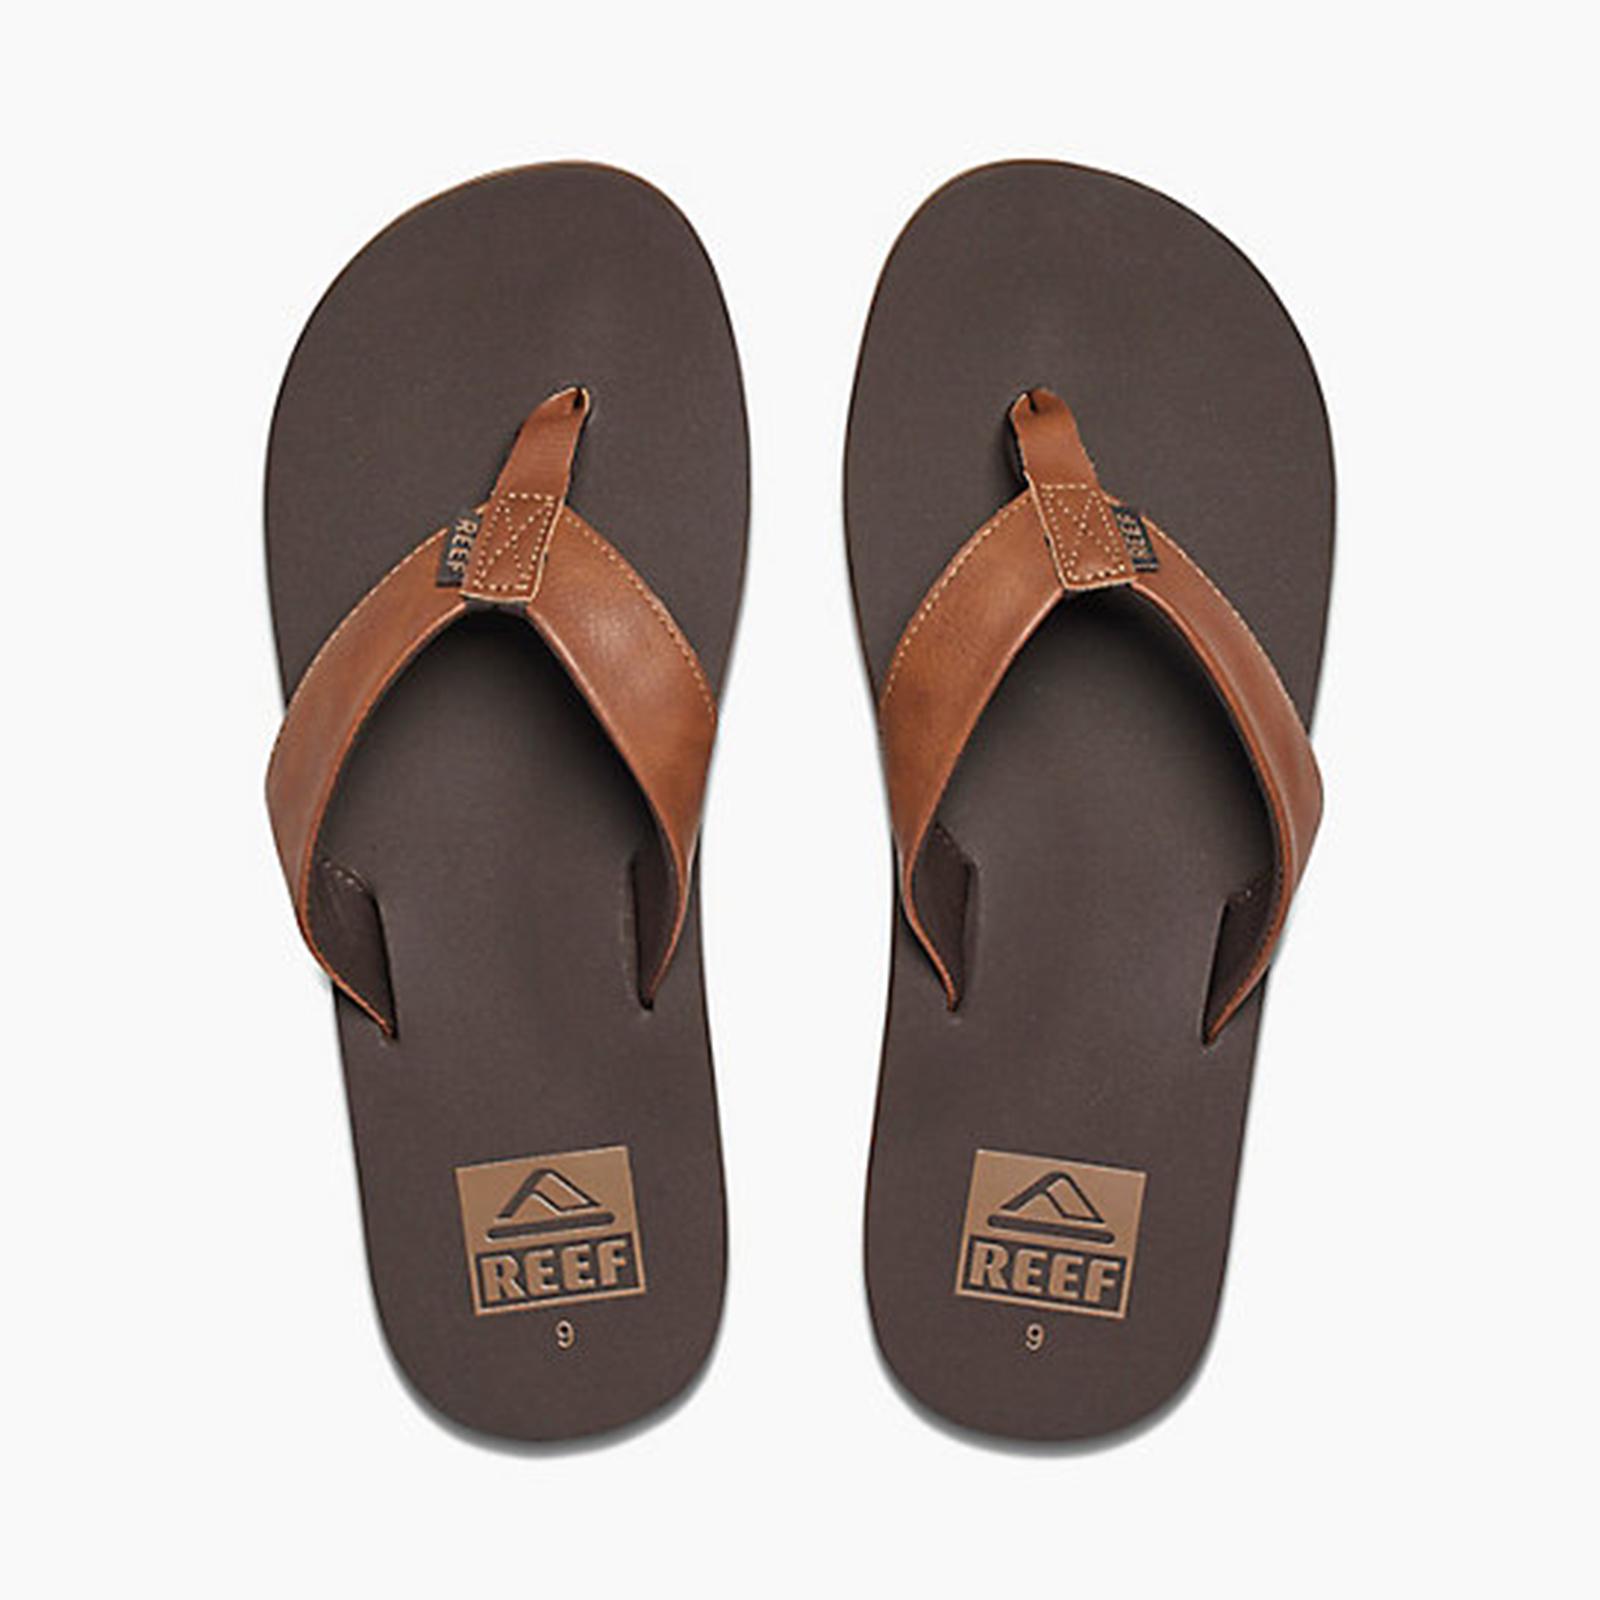 643de29ce218 Brown Vegan Leather Flip-flops With Eva Soles - Reef Twinpin Brown ...